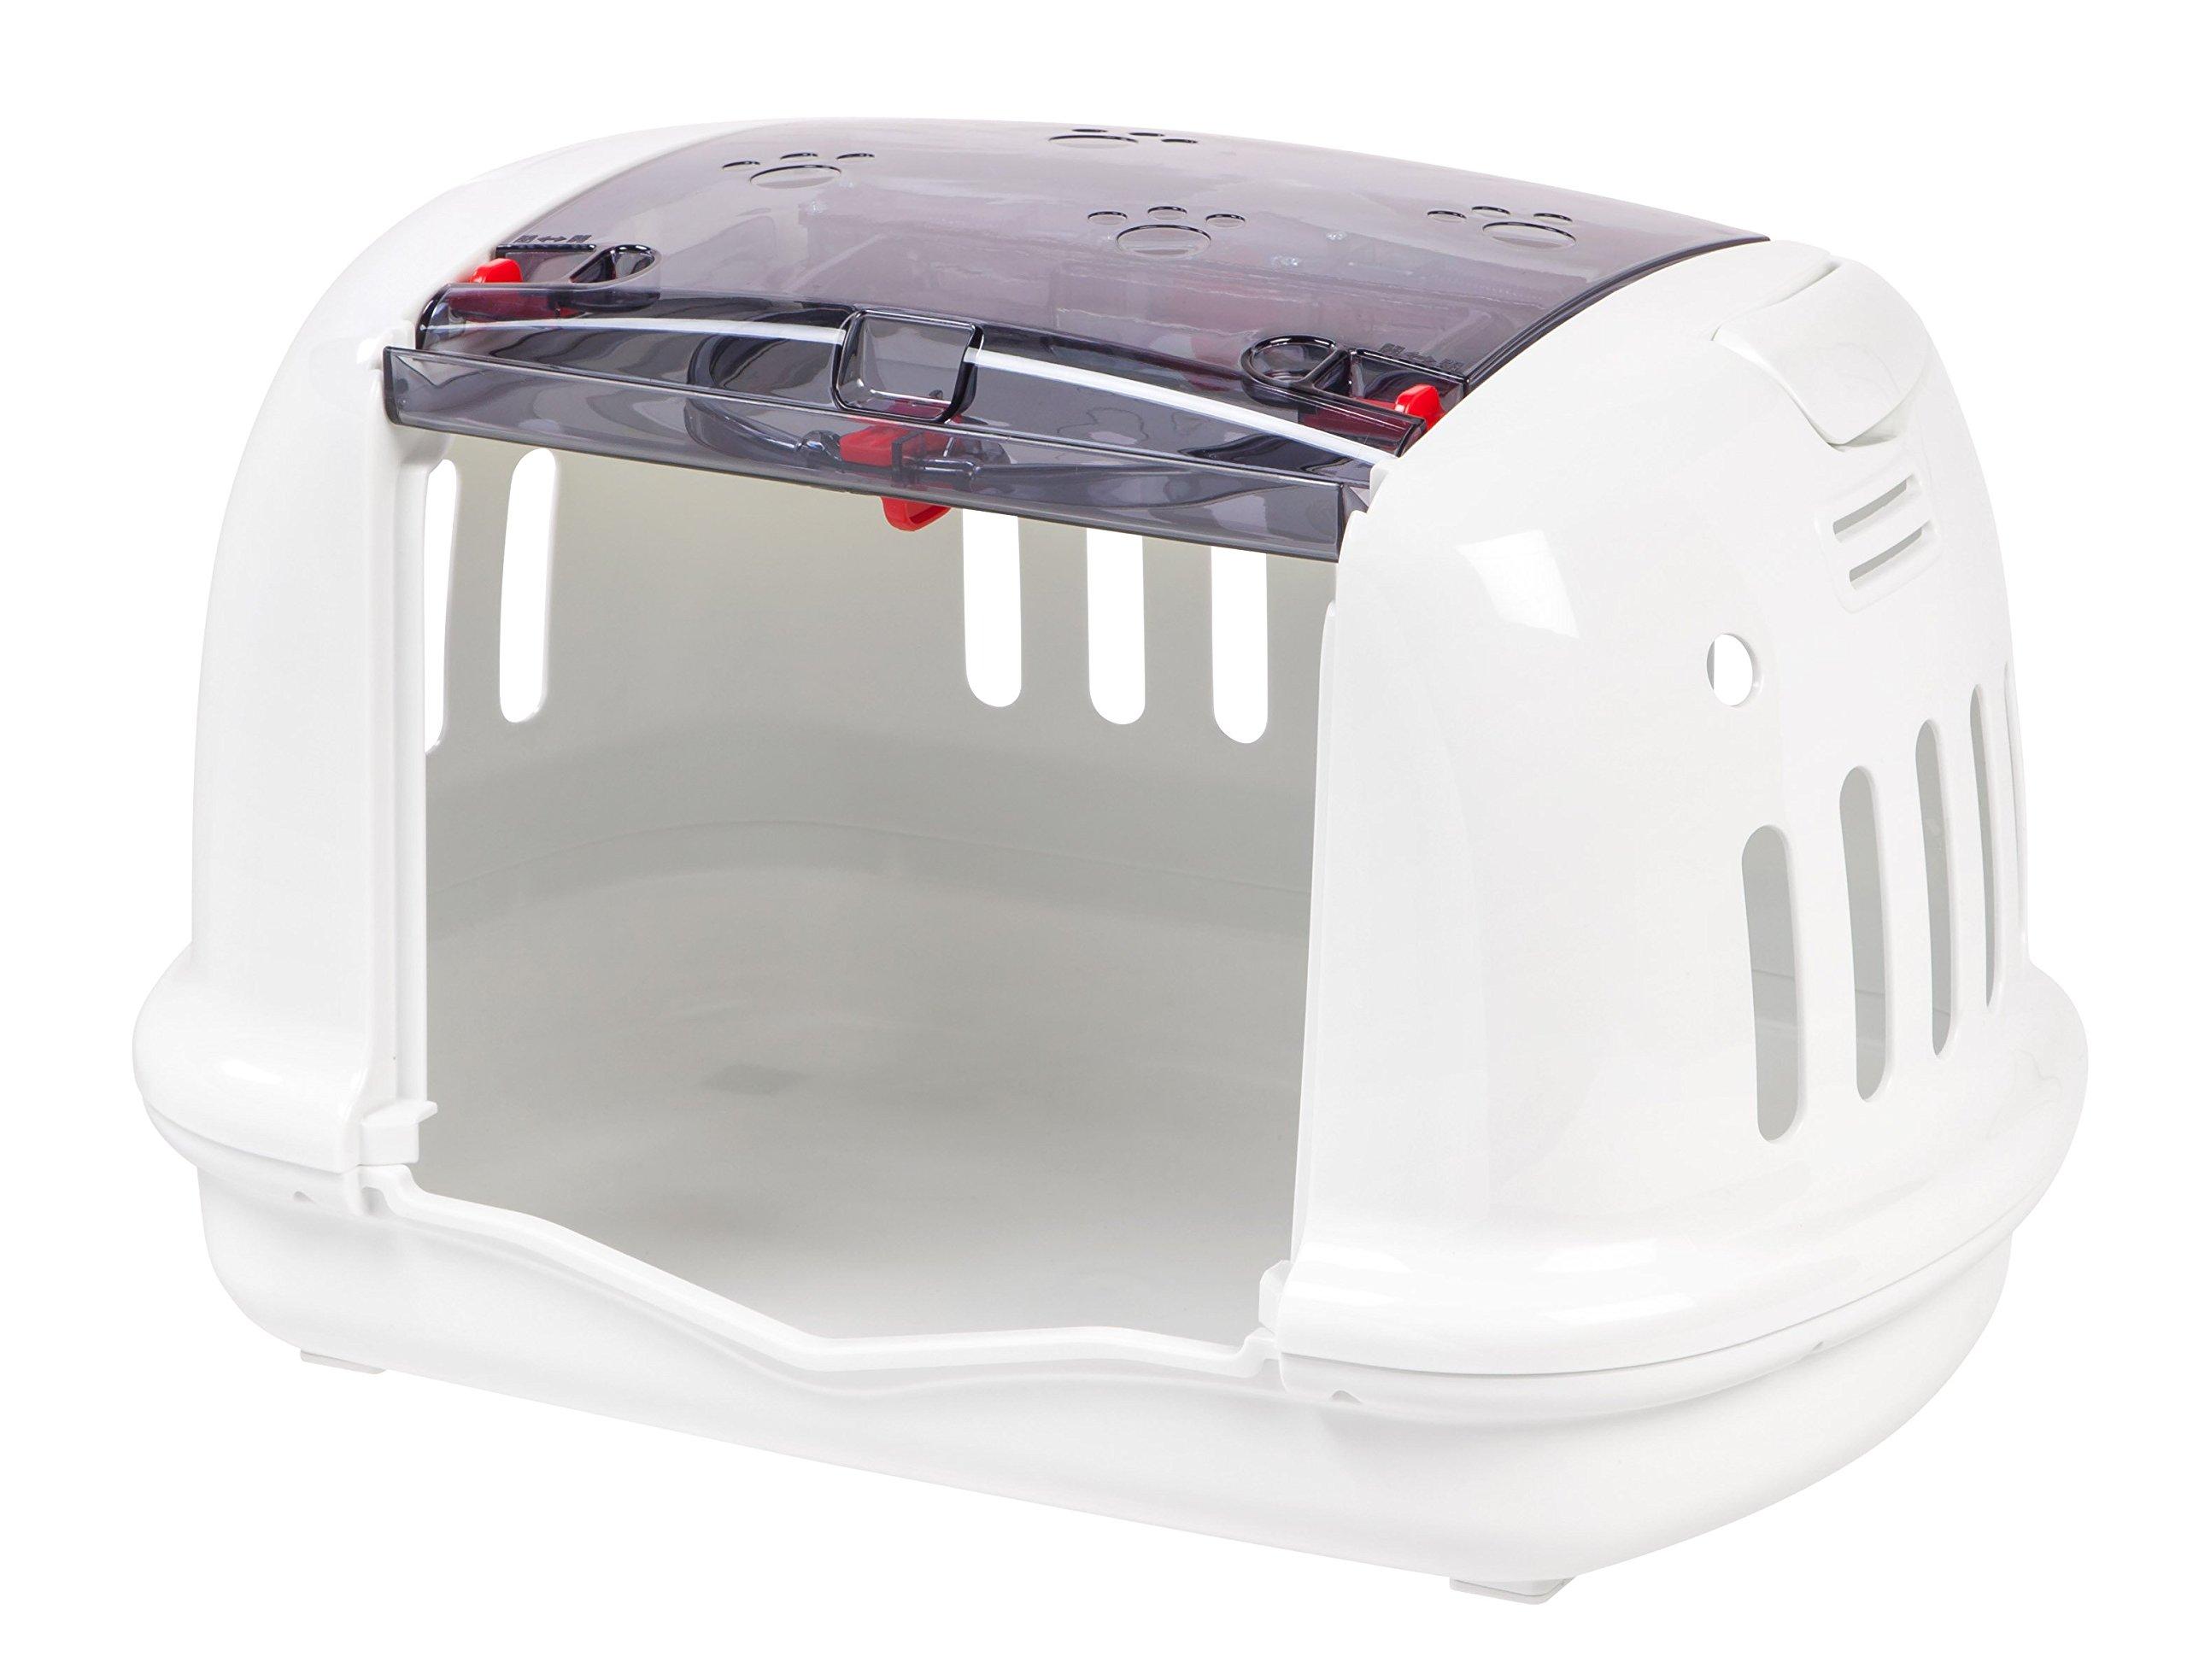 IRIS Small Animal Carrier, White by IRIS USA, Inc. (Image #6)